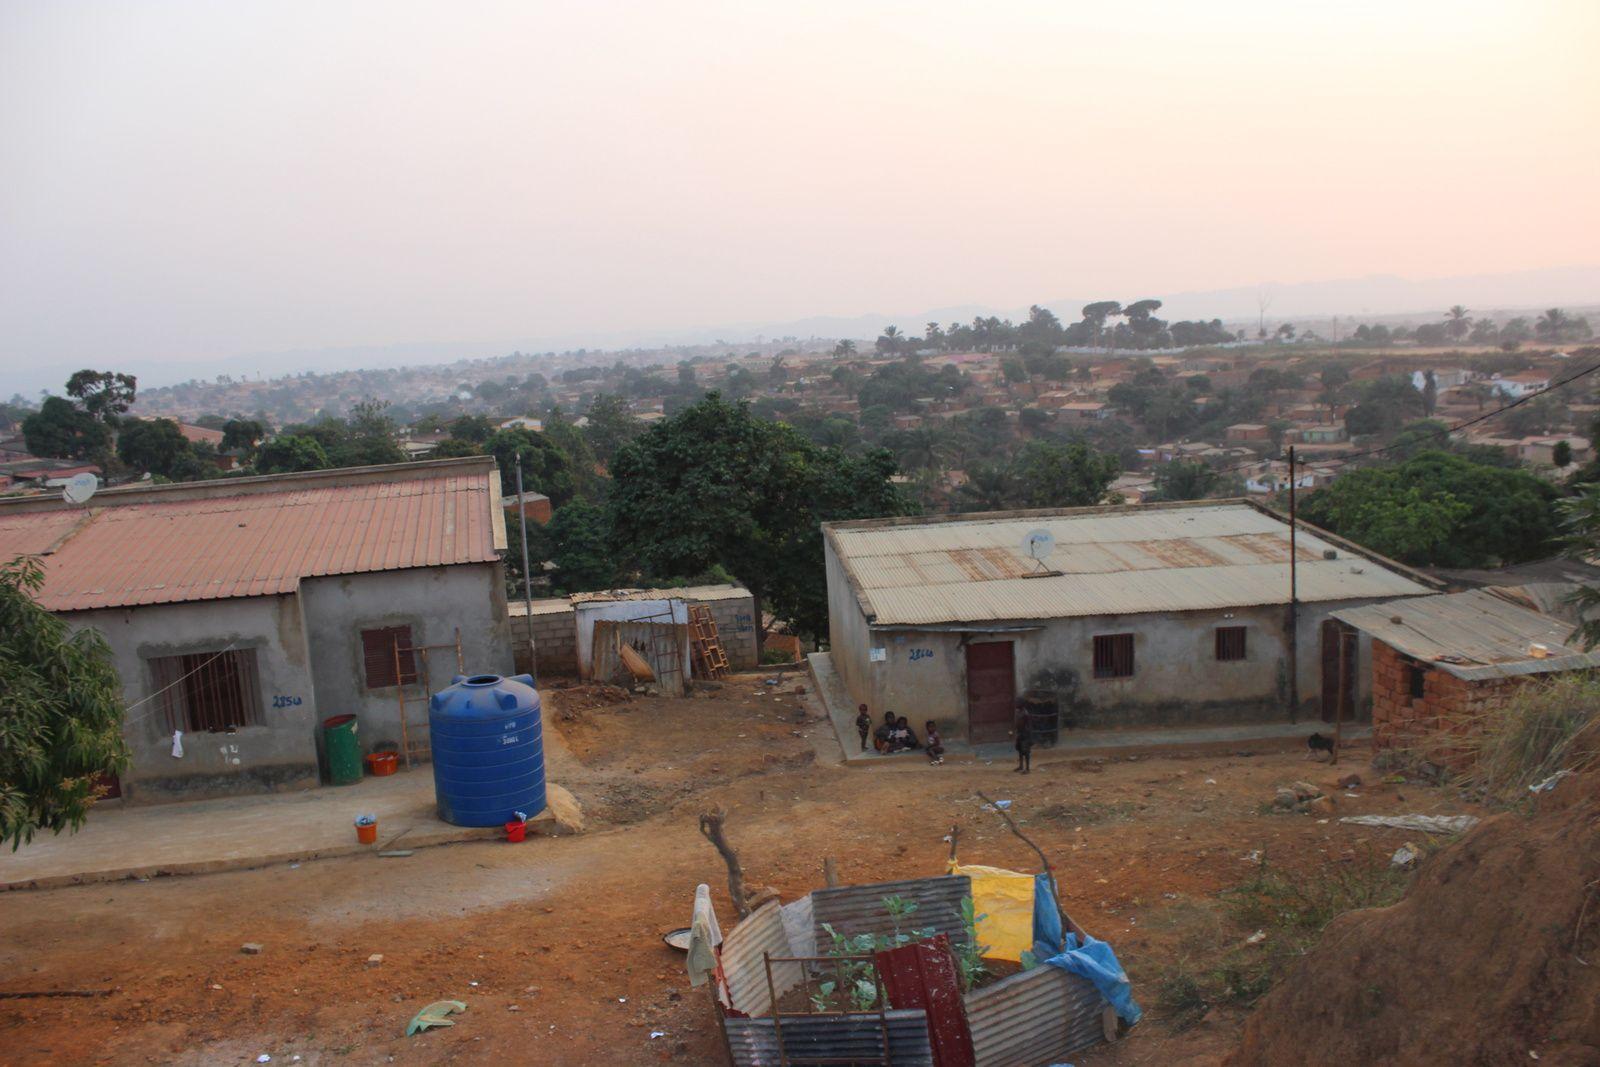 Aspecto de um bairro periférico da cidade do Uíge. Imagem do Muana Damba